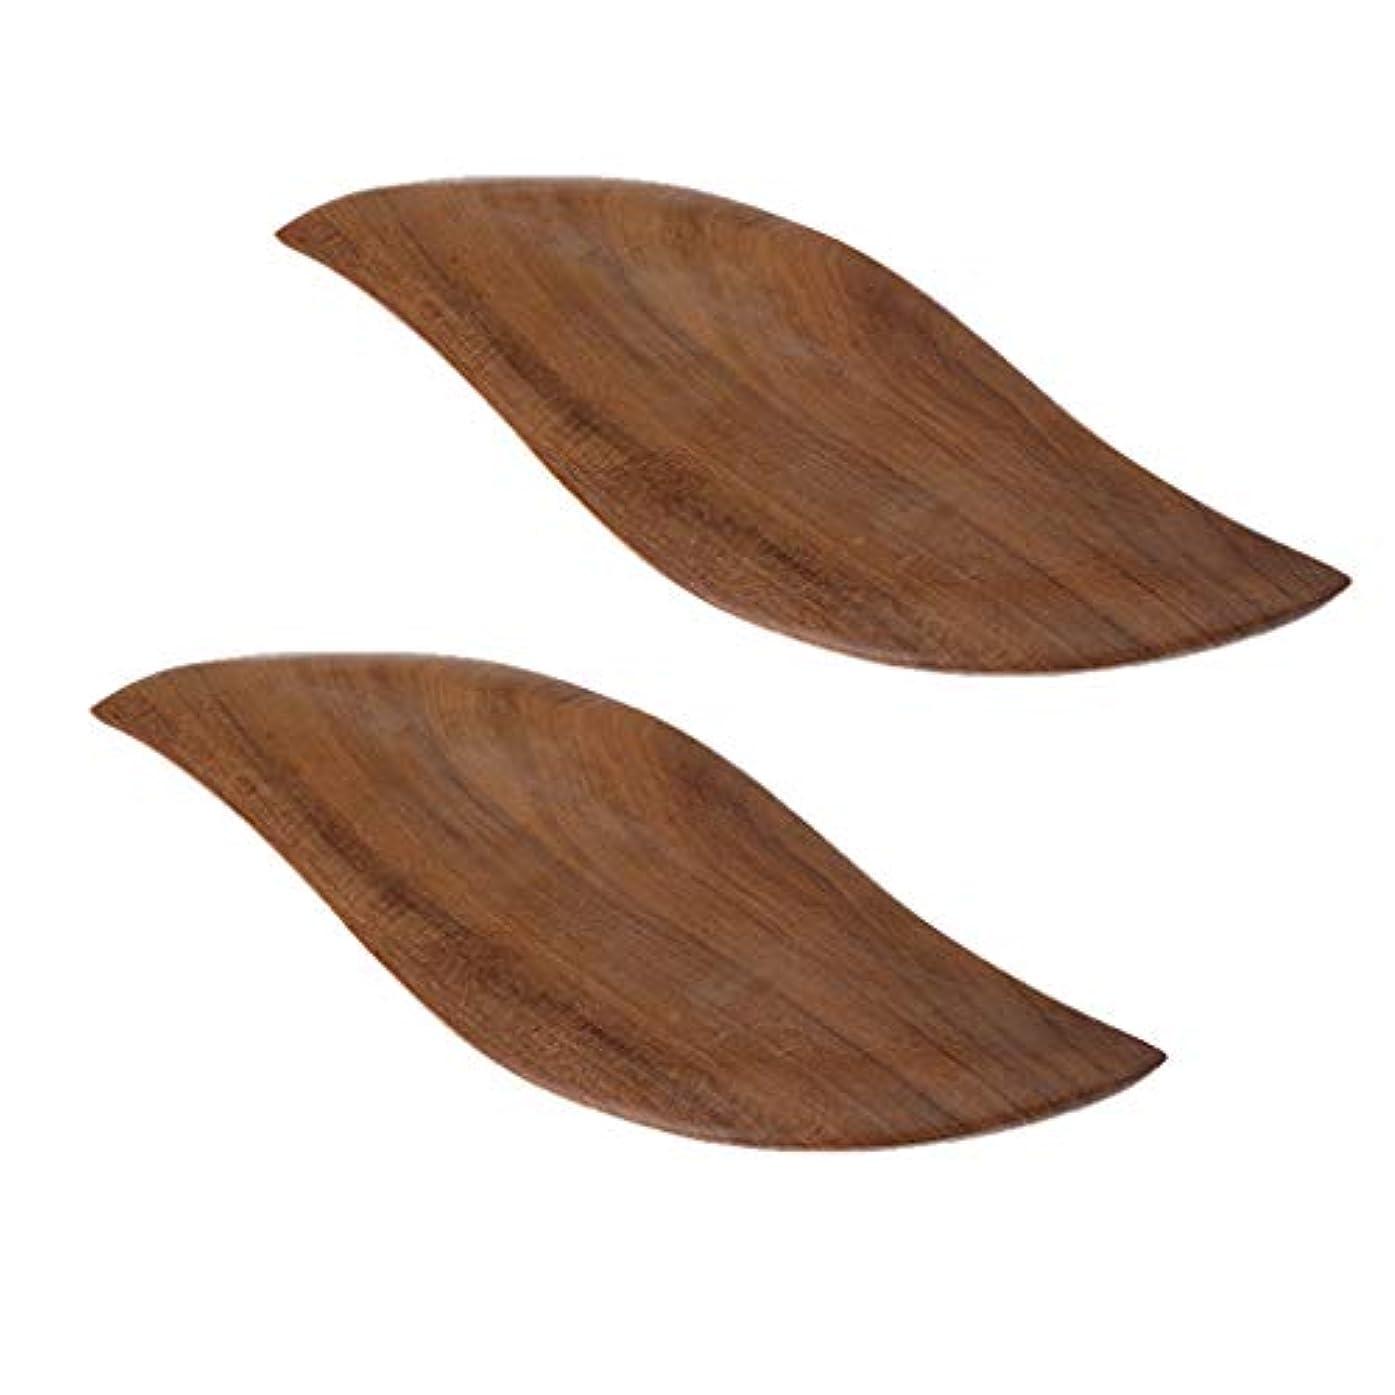 認識爆風静けさBaoblaze 2枚 かっさプレート フェイスケア ボディーケア リラックス ツボ押し 木製